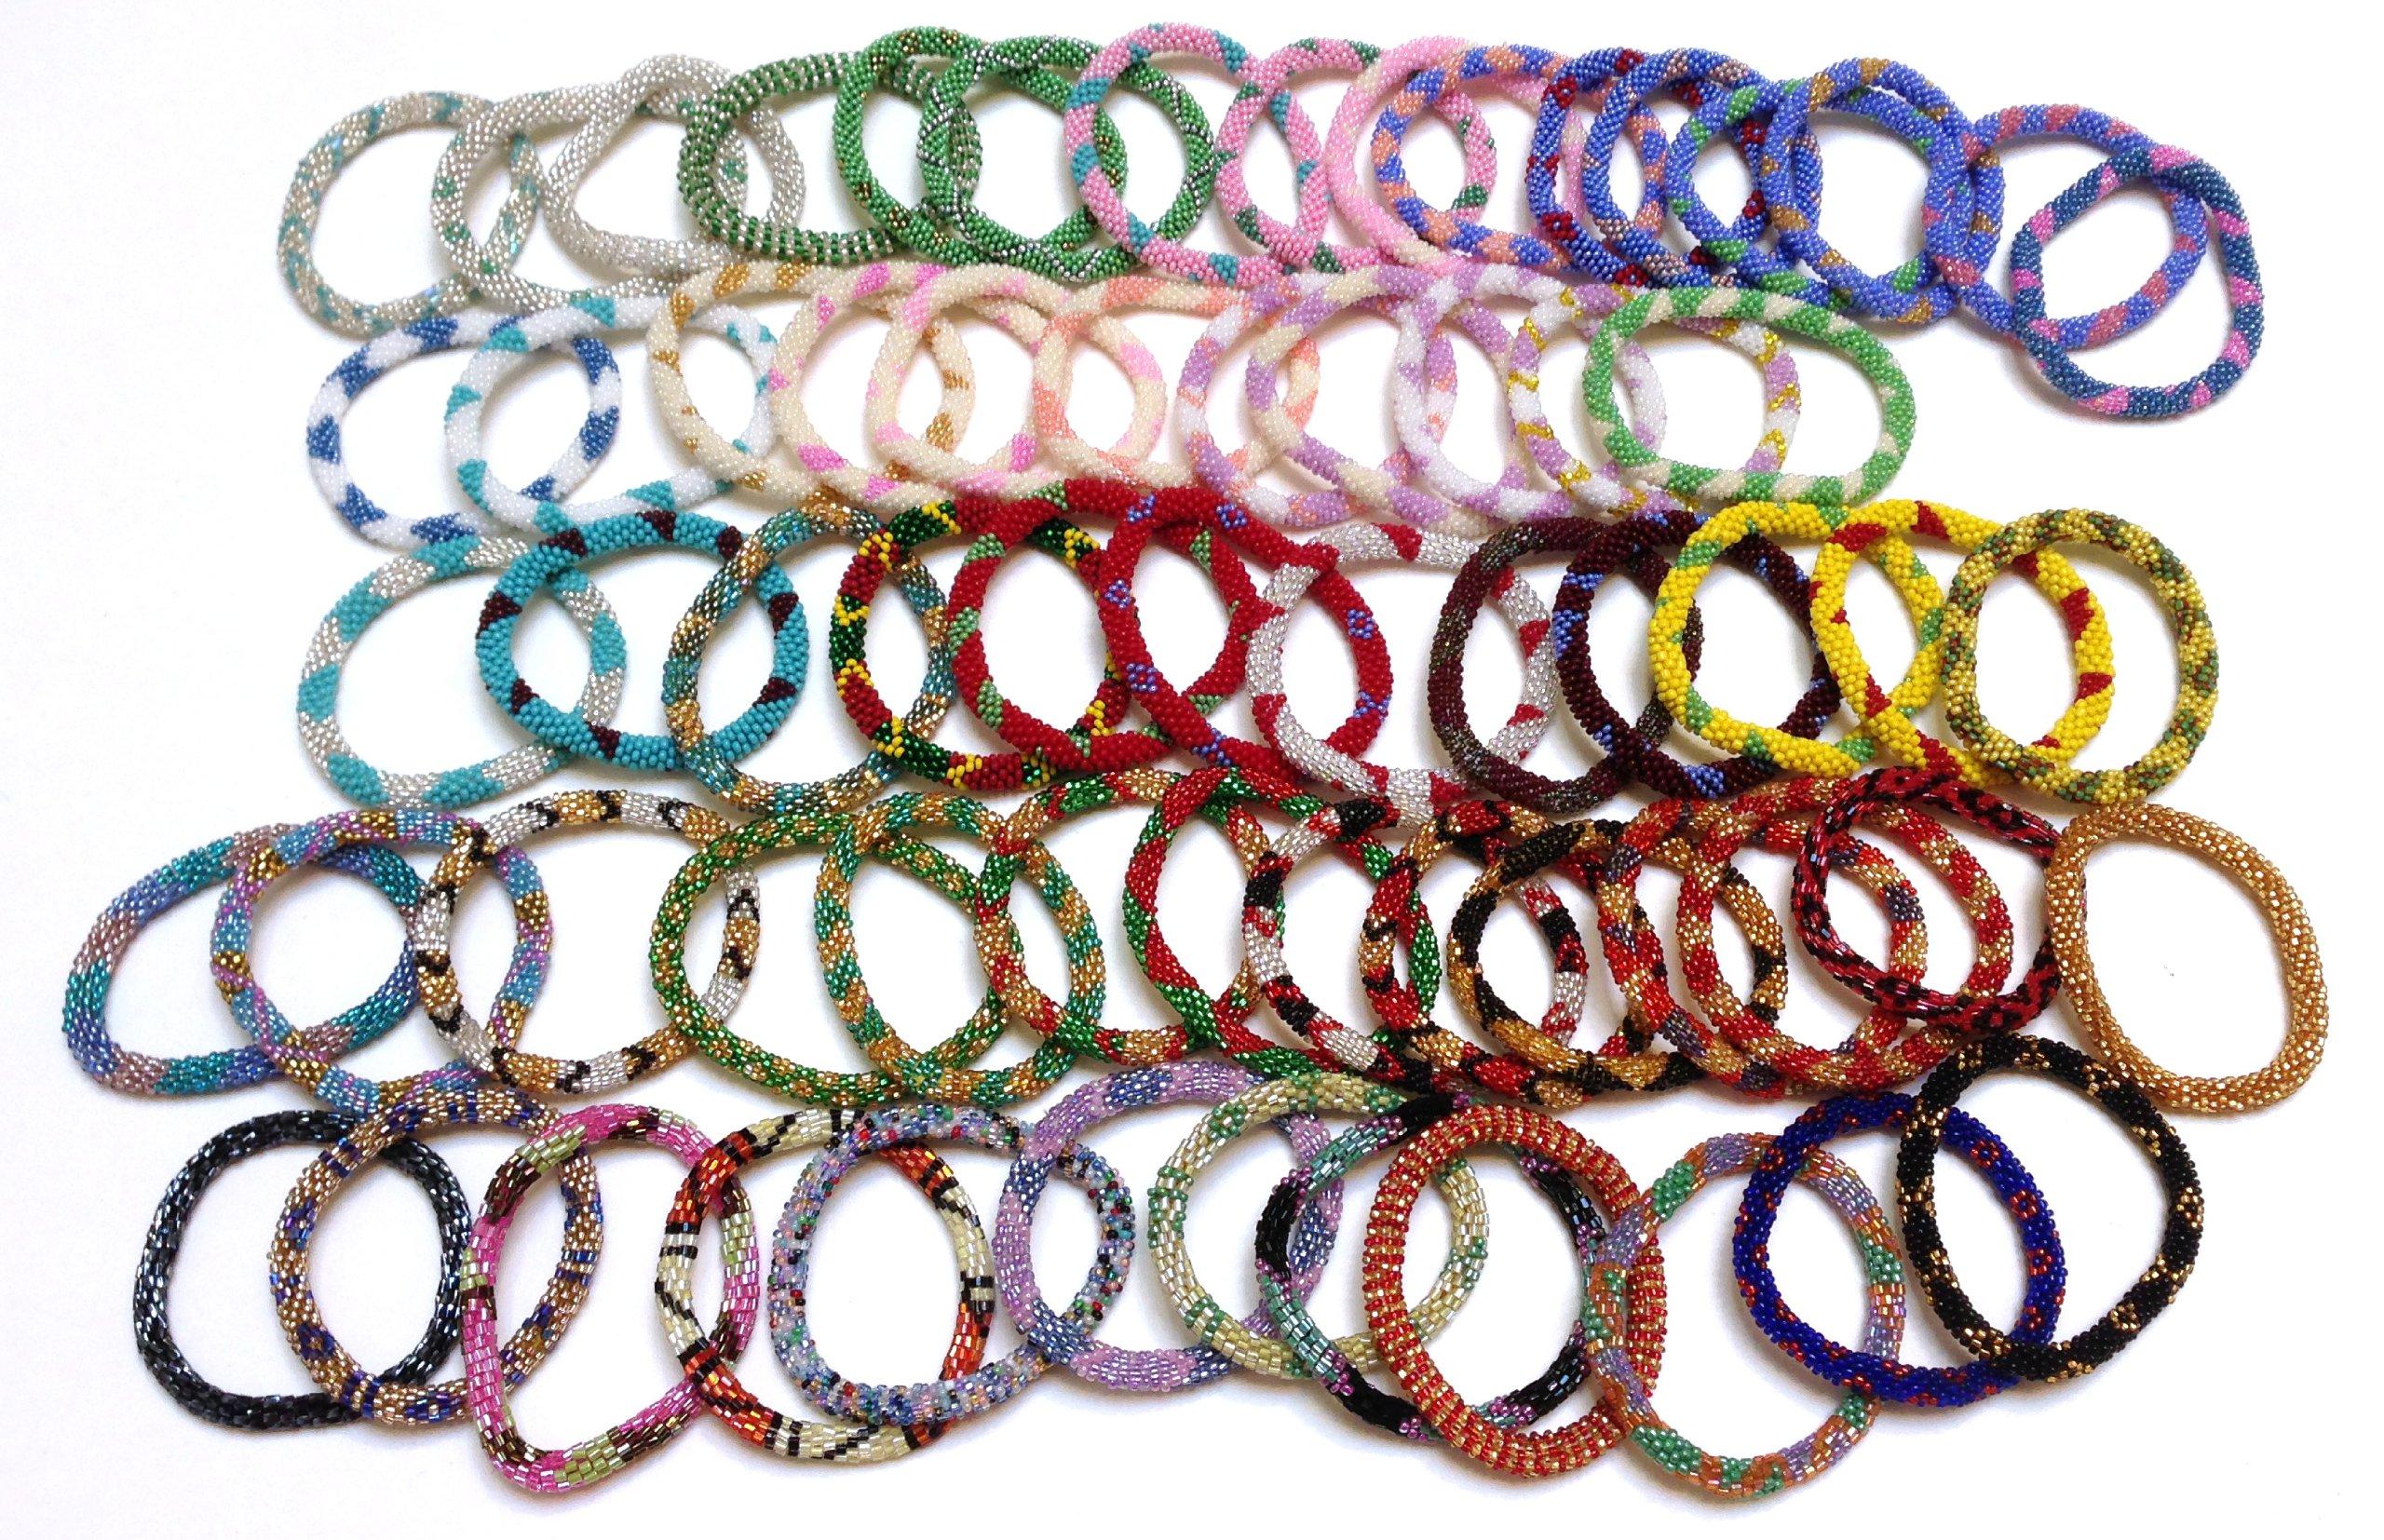 Handmade Nepal glass beaded bracelets Roll On Bracelet - multi color (set of 5)